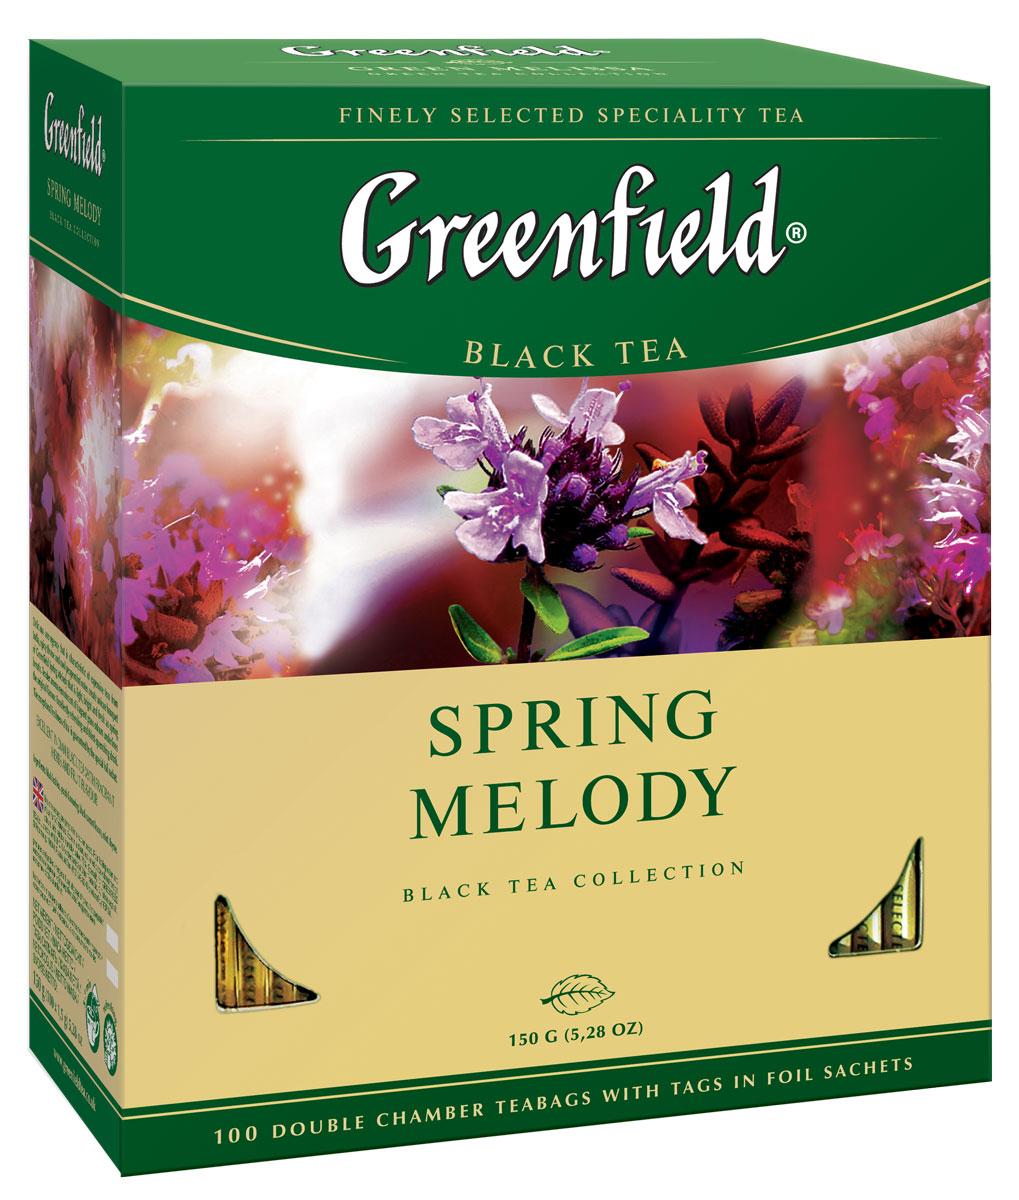 Greenfield Spring Melody черный чай в пакетиках, 100 шт1065-09Приятная терпкость, присущая дорогим сортам индийского чая, пряный оттенок чабреца и прохладная мятная нотка создают неповторимый букет Greenfield Spring Melody - легкий, яркий и свежий, как дыхание весны. Нежный аромат, в котором слышится благоухание душистых трав, подчеркивает индивидуальность вкуса. Хорошо освежает и утоляет жажду.